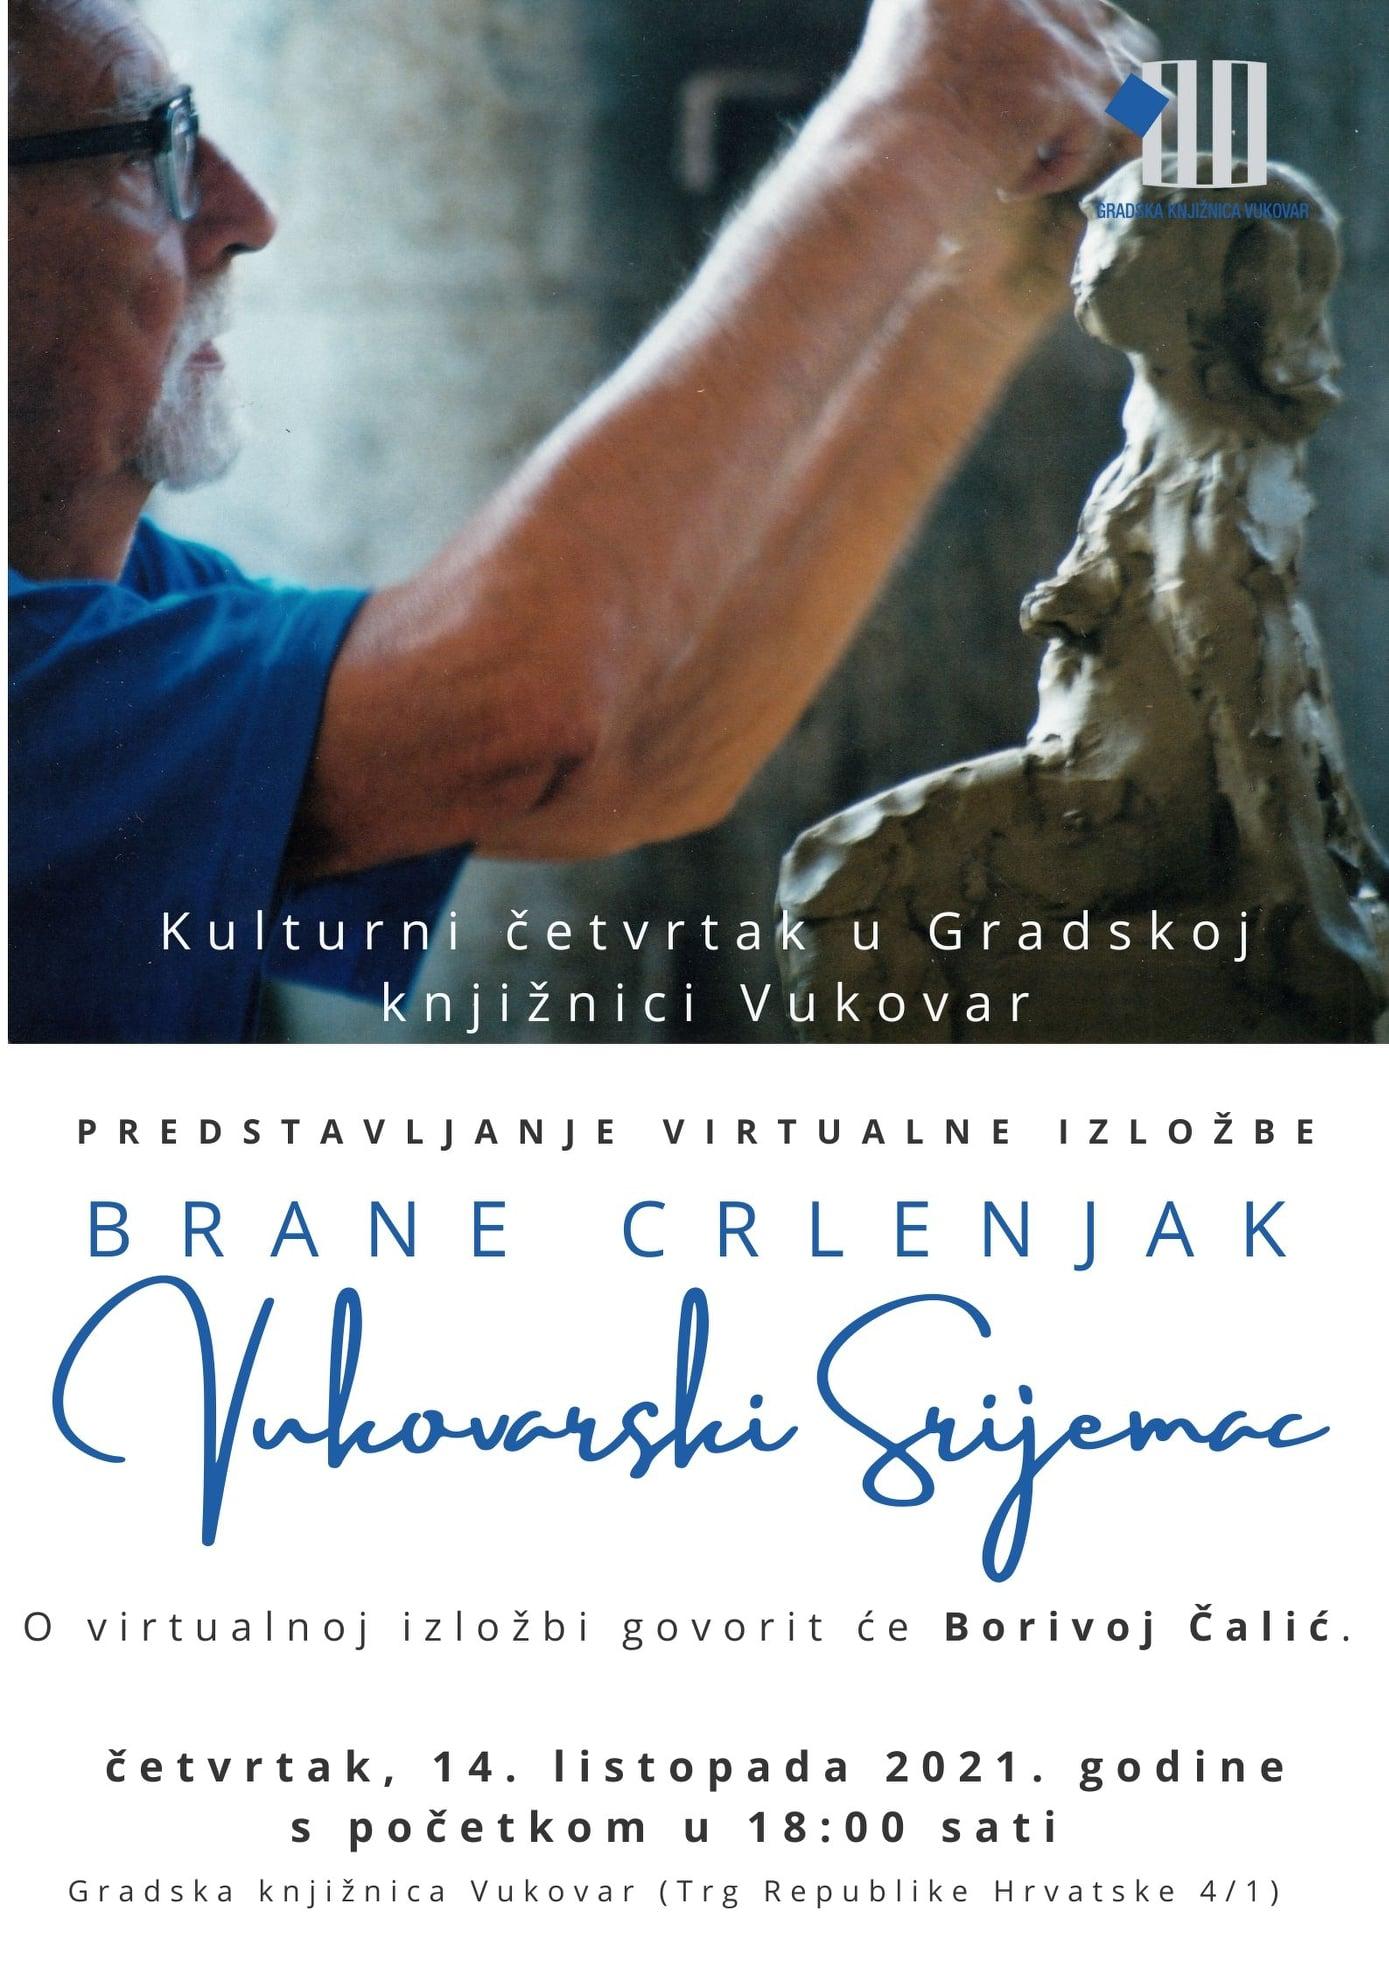 Predstavljanje virtualne izložbe Brane Crlenjak – Vukovarski Srijemac